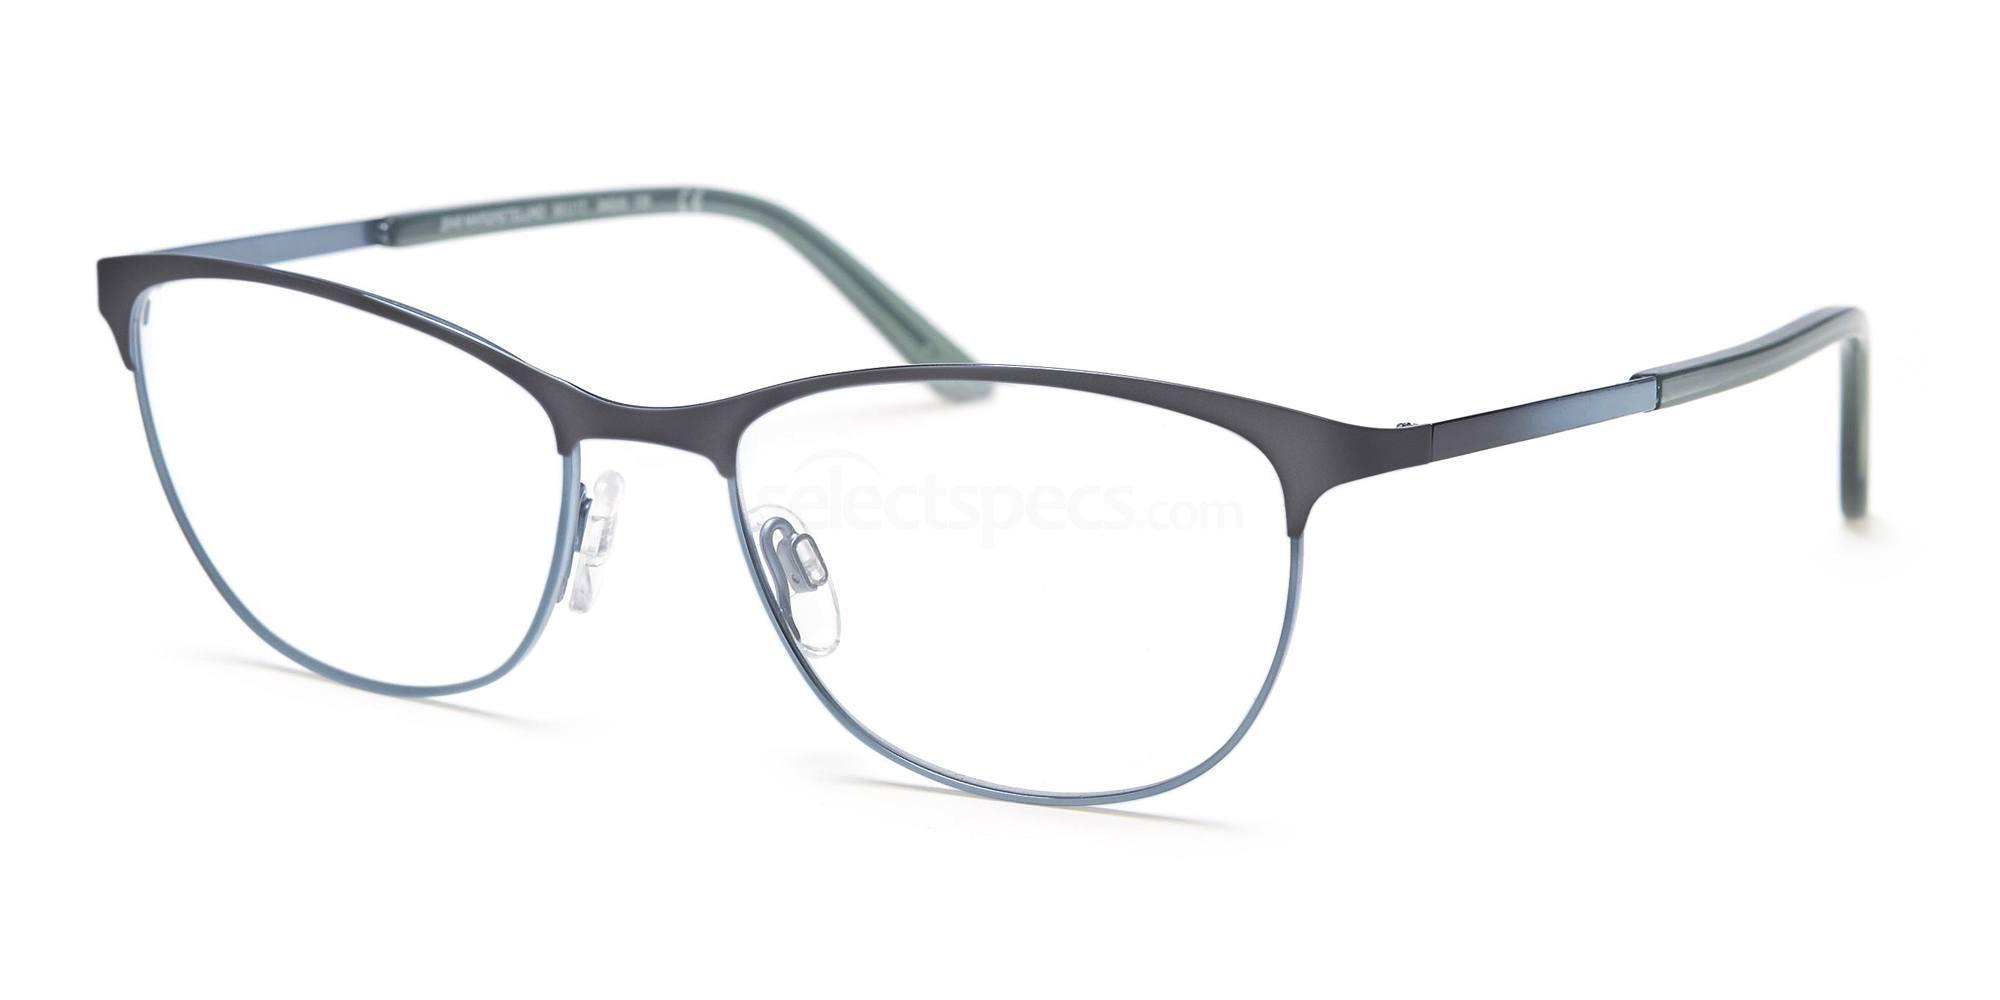 340 2649 MARGRETELUND Glasses, Skaga